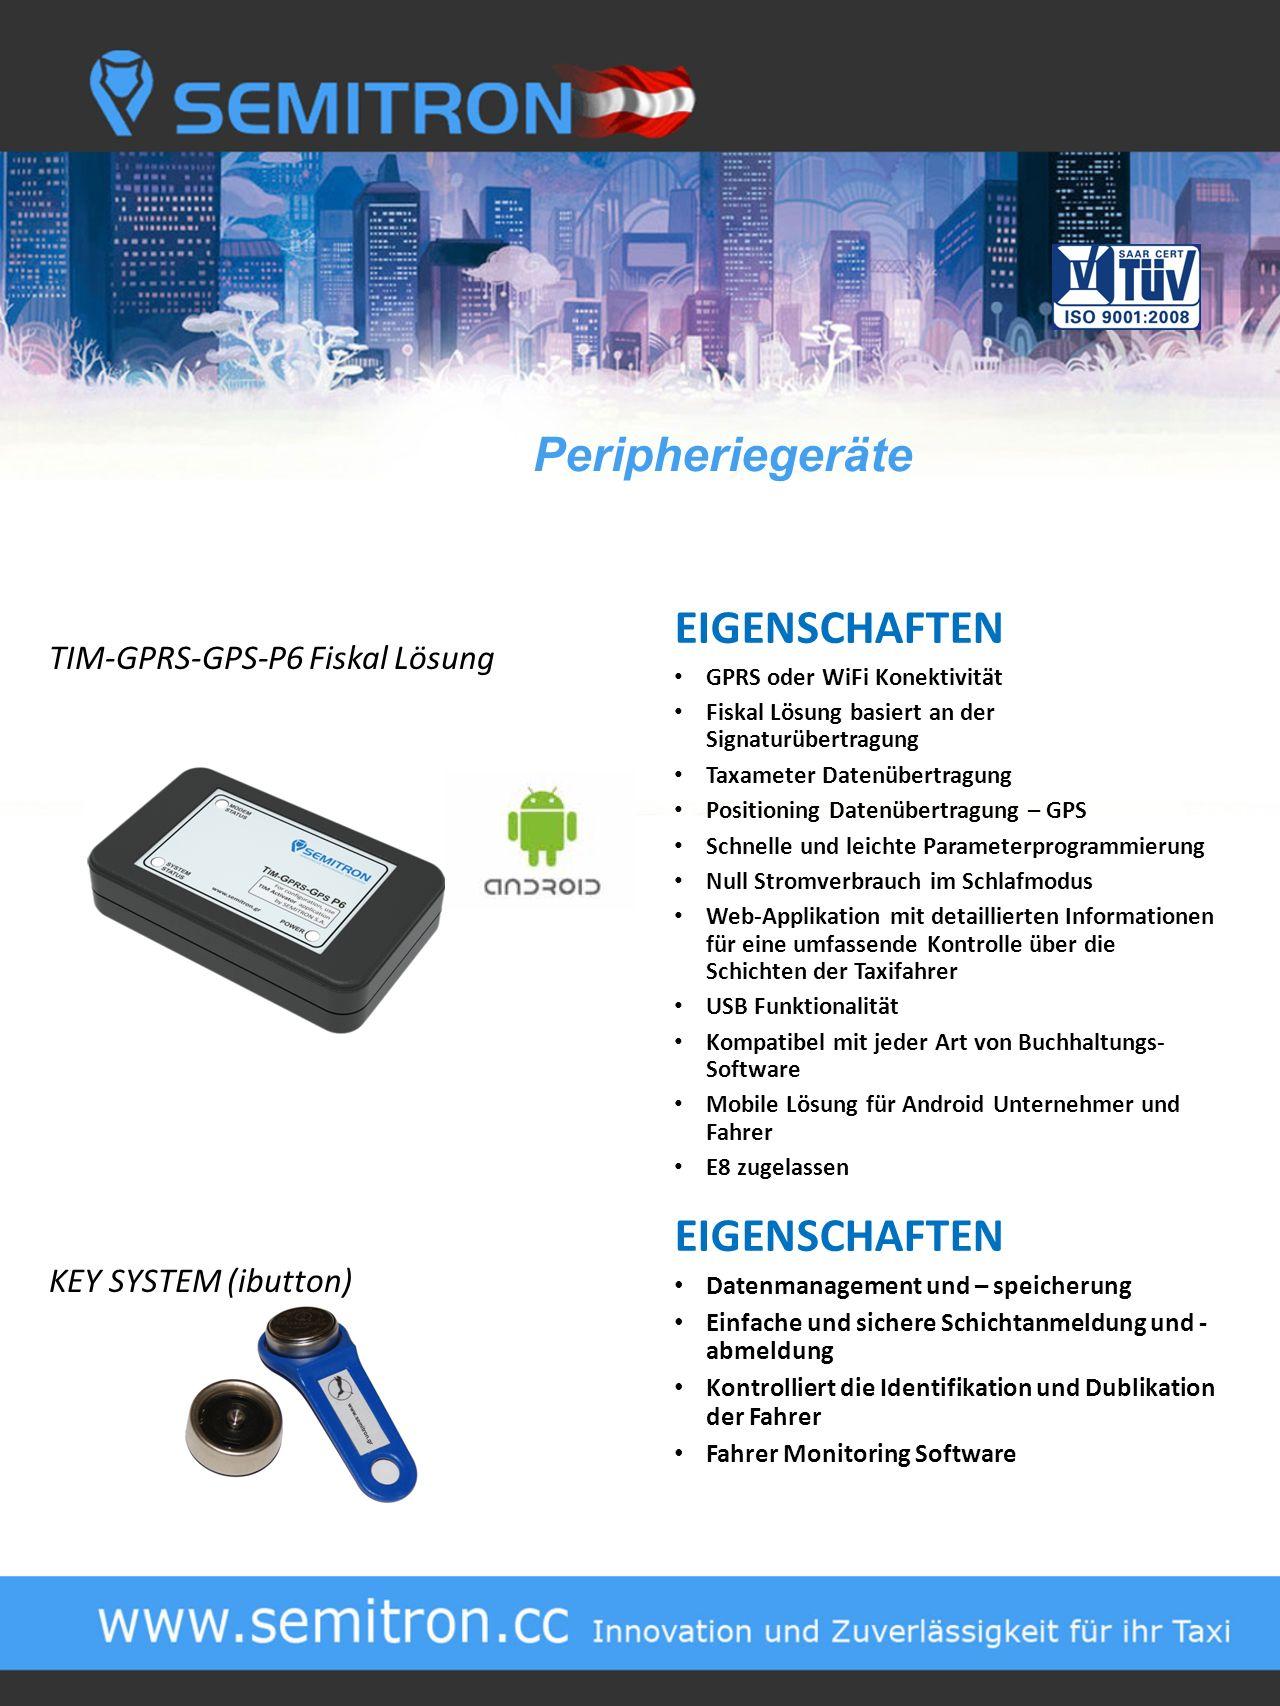 TIM-GPRS-GPS-P6 Fiskal Lösung KEY SYSTEM (ibutton) EIGENSCHAFTEN GPRS oder WiFi Konektivität Fiskal Lösung basiert an der Signaturübertragung Taxameter Datenübertragung Positioning Datenübertragung – GPS Schnelle und leichte Parameterprogrammierung Null Stromverbrauch im Schlafmodus Web-Applikation mit detaillierten Informationen für eine umfassende Kontrolle über die Schichten der Taxifahrer USB Funktionalität Kompatibel mit jeder Art von Buchhaltungs- Software Mobile Lösung für Android Unternehmer und Fahrer E8 zugelassen EIGENSCHAFTEN Datenmanagement und – speicherung Einfache und sichere Schichtanmeldung und - abmeldung Kontrolliert die Identifikation und Dublikation der Fahrer Fahrer Monitoring Software Peripheriegeräte